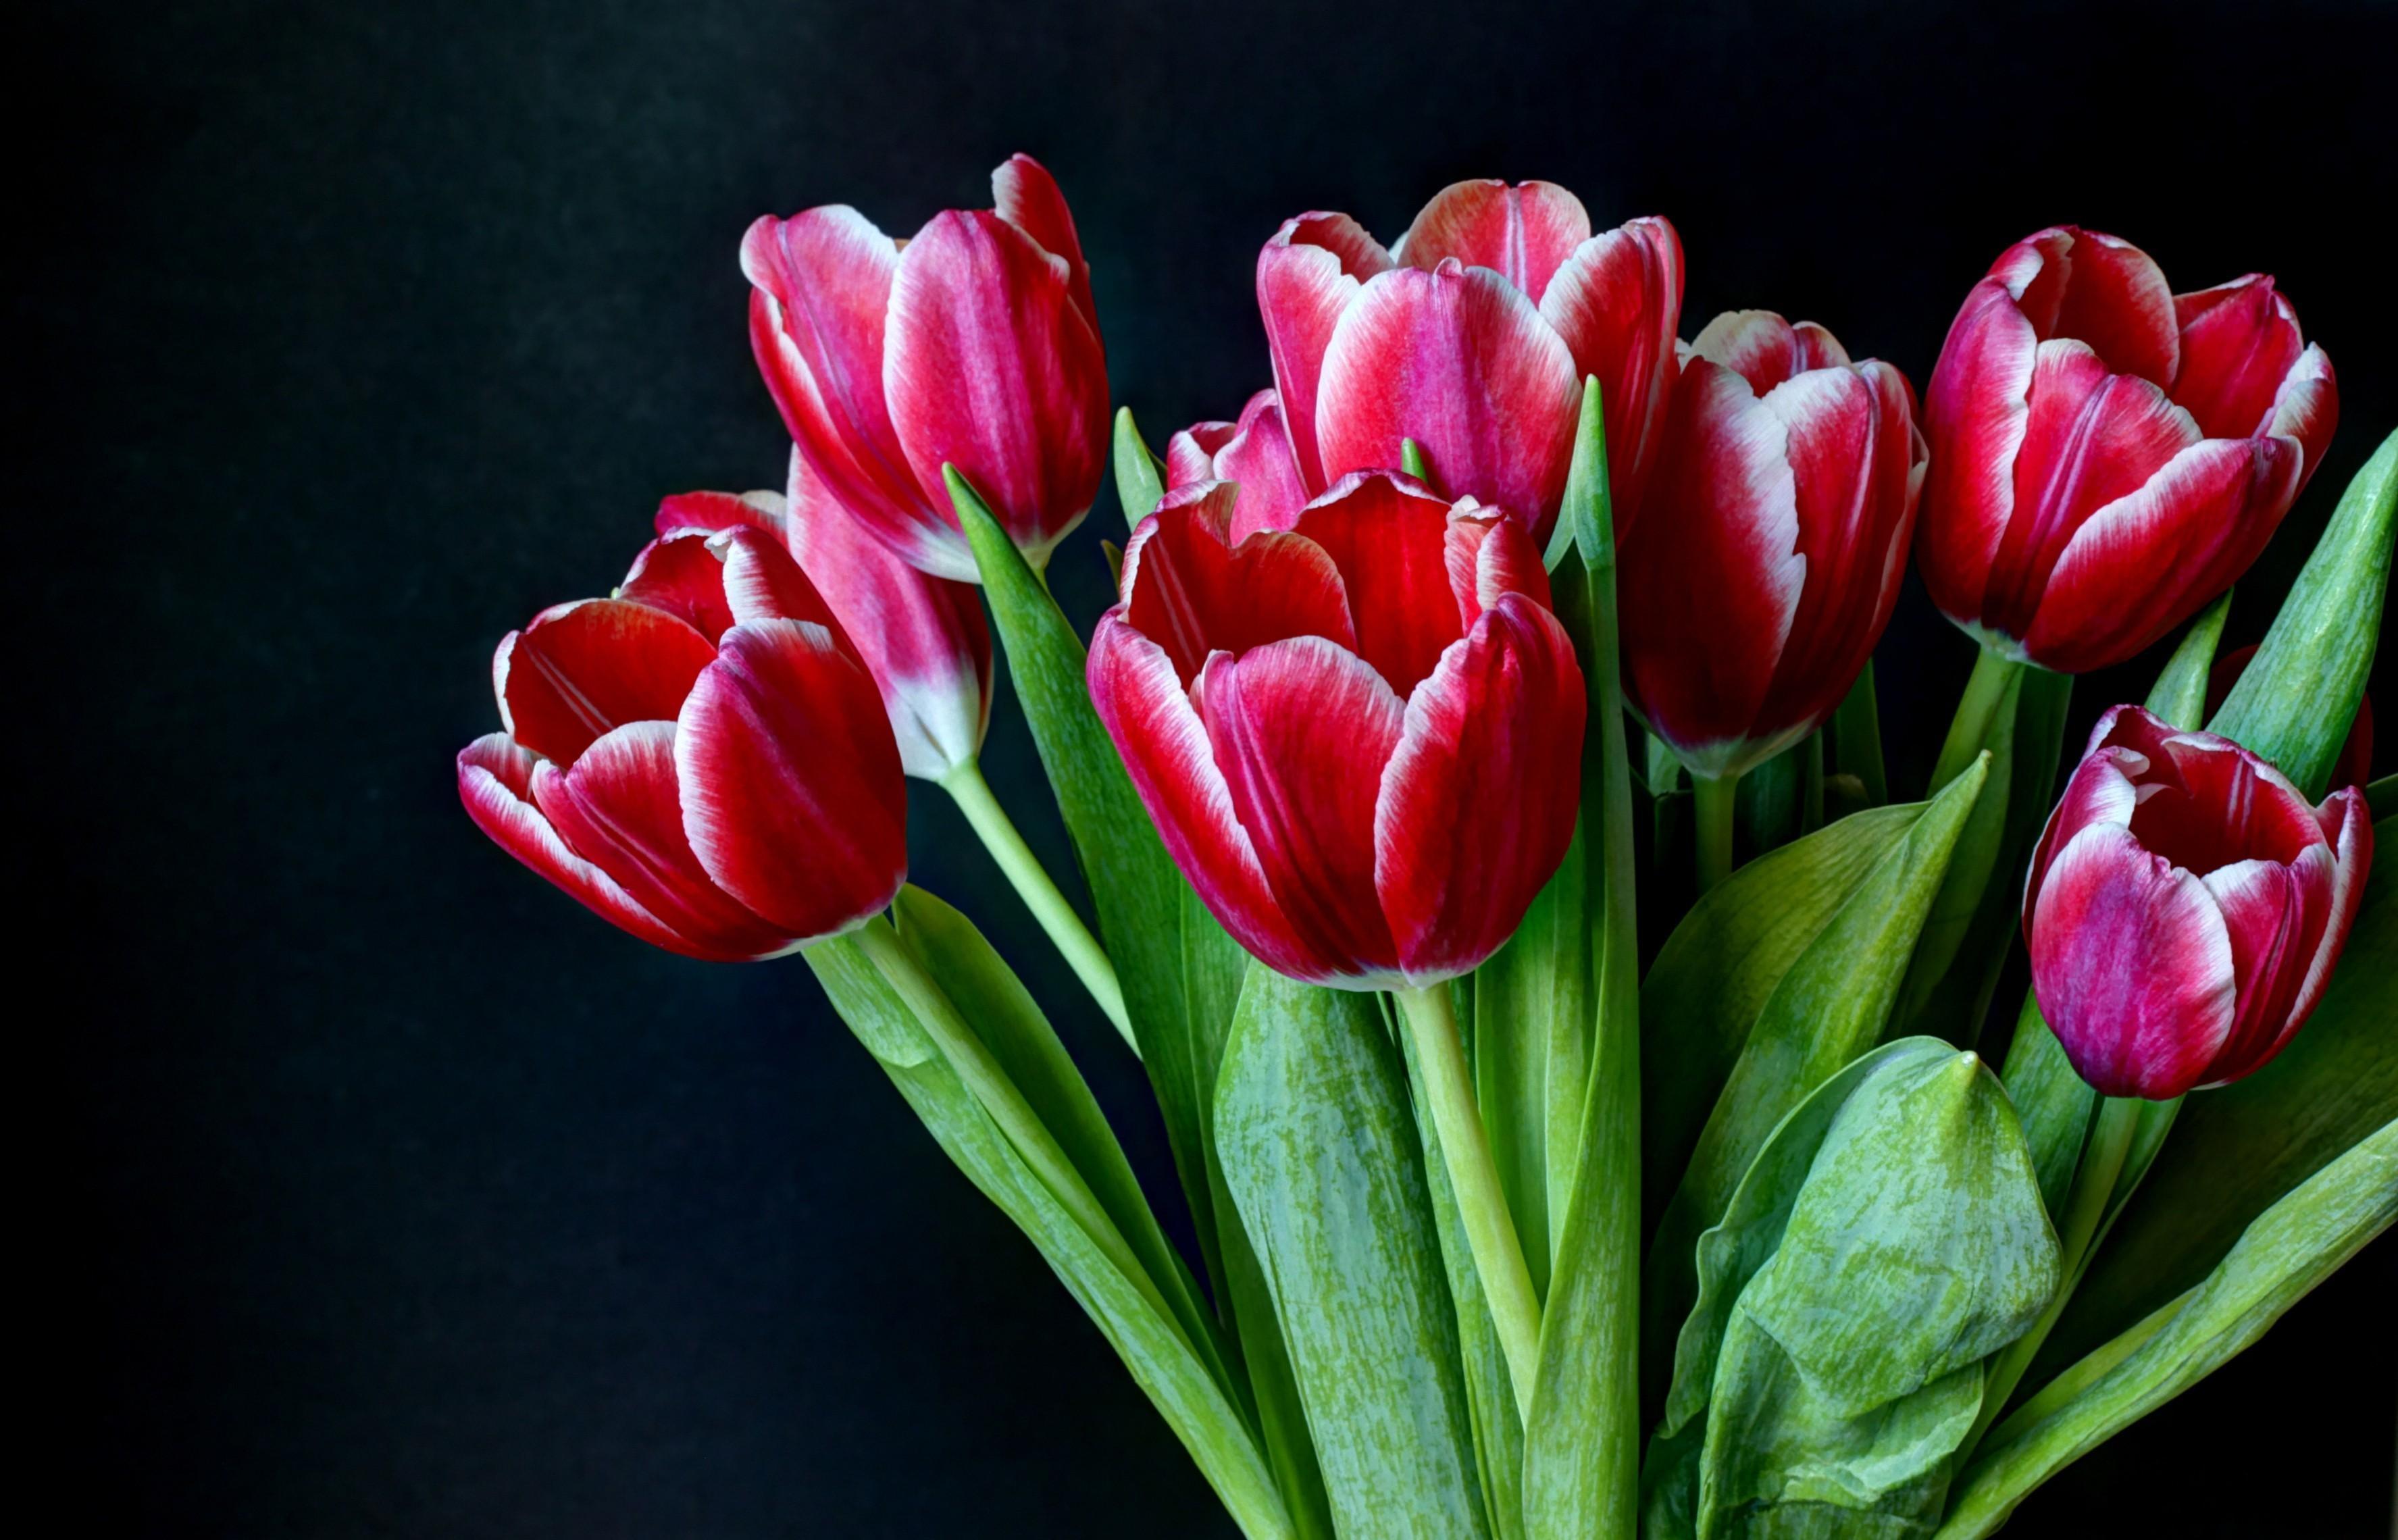 81149 обои 1080x2400 на телефон бесплатно, скачать картинки Букет, Тюльпаны, Цветы, Двухцветные, Темны Фон 1080x2400 на мобильный